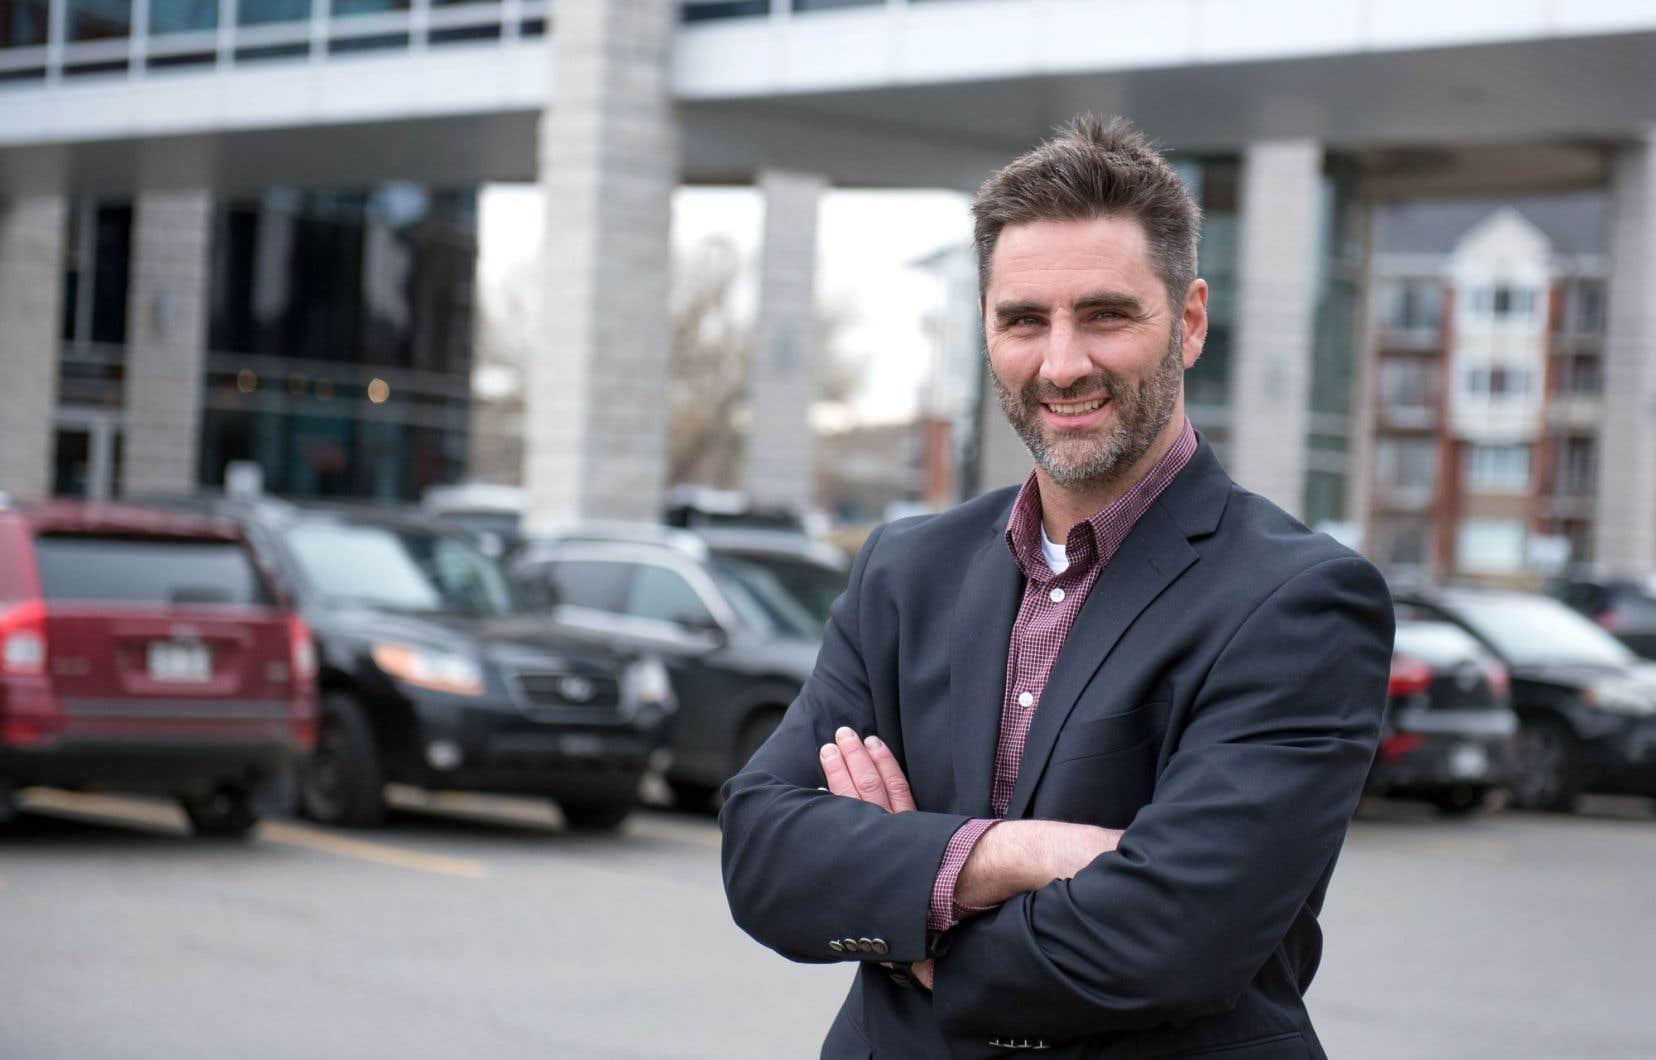 Jean-François Gosselin, ancien député de l'Action démocratique du Québec, compte affronter le maire sortant Régis Labeaume aux prochaines élections municipales.